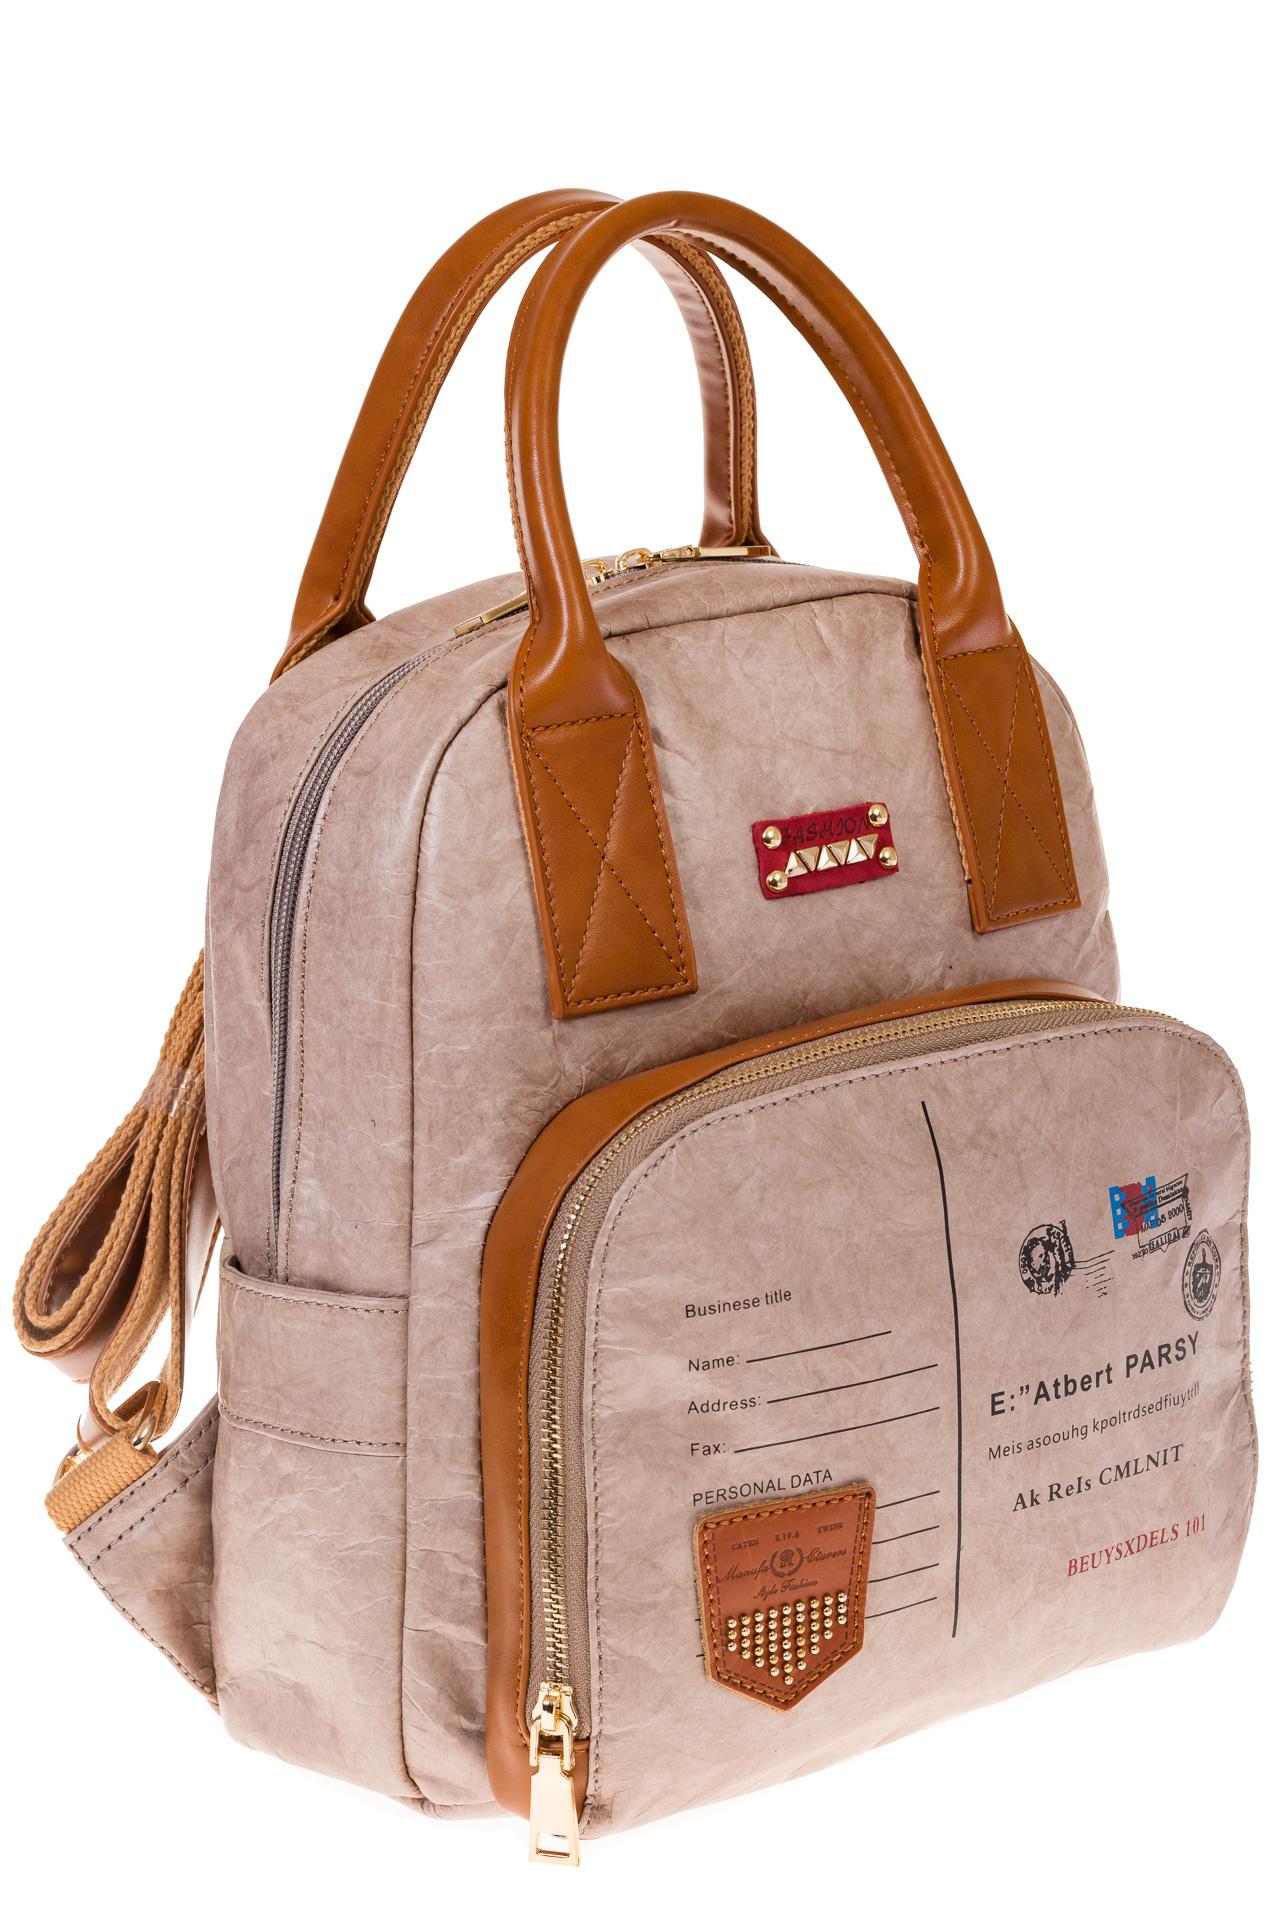 На фото серый женский рюкзак из материала тайвек, оптом